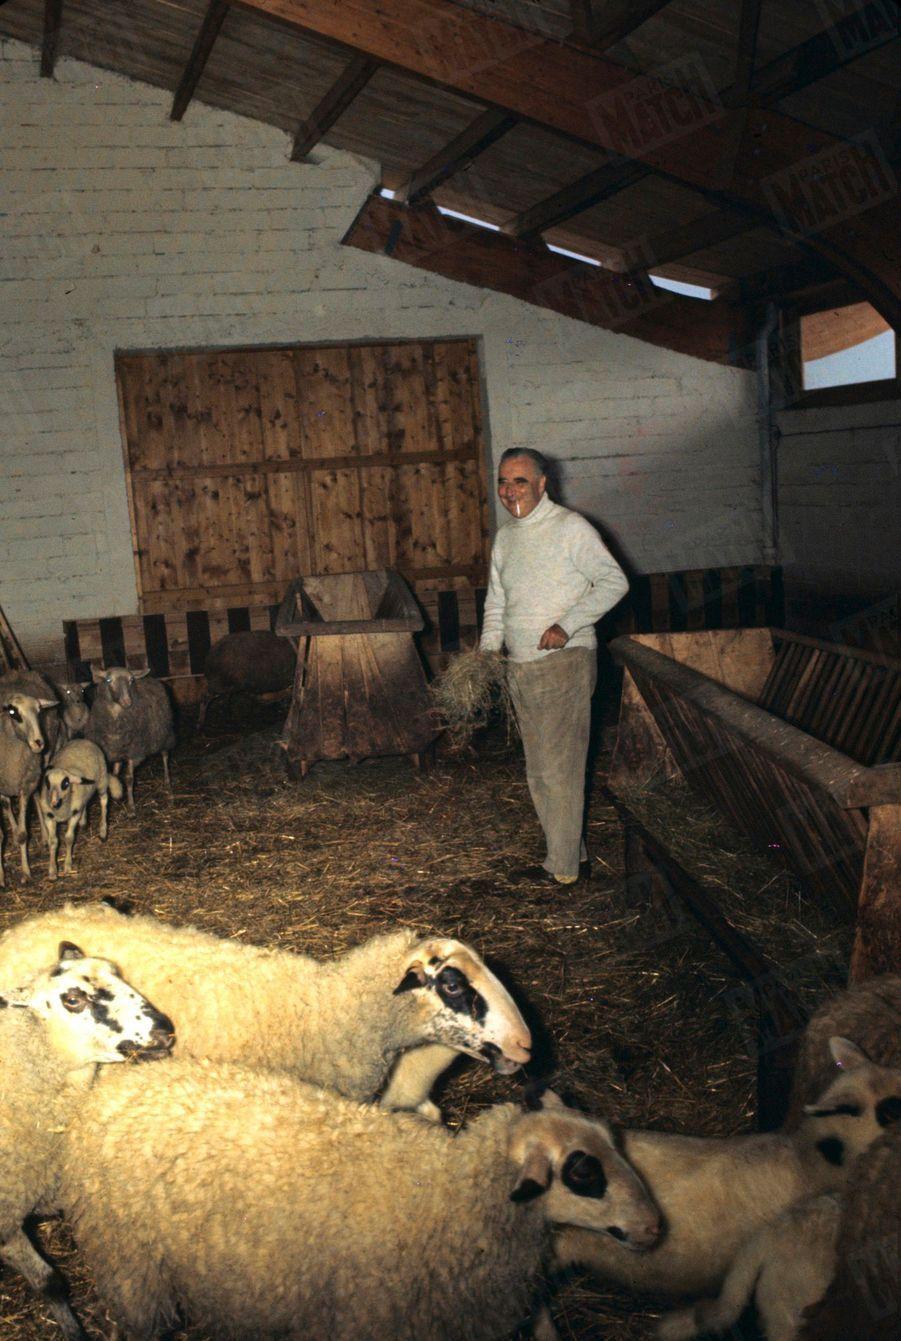 Le président Georges Pompidou dans la bergerie de sa ferme, à Cajarc, dans le Quercy, pour les fêtes de Pâques, en avril 1970.